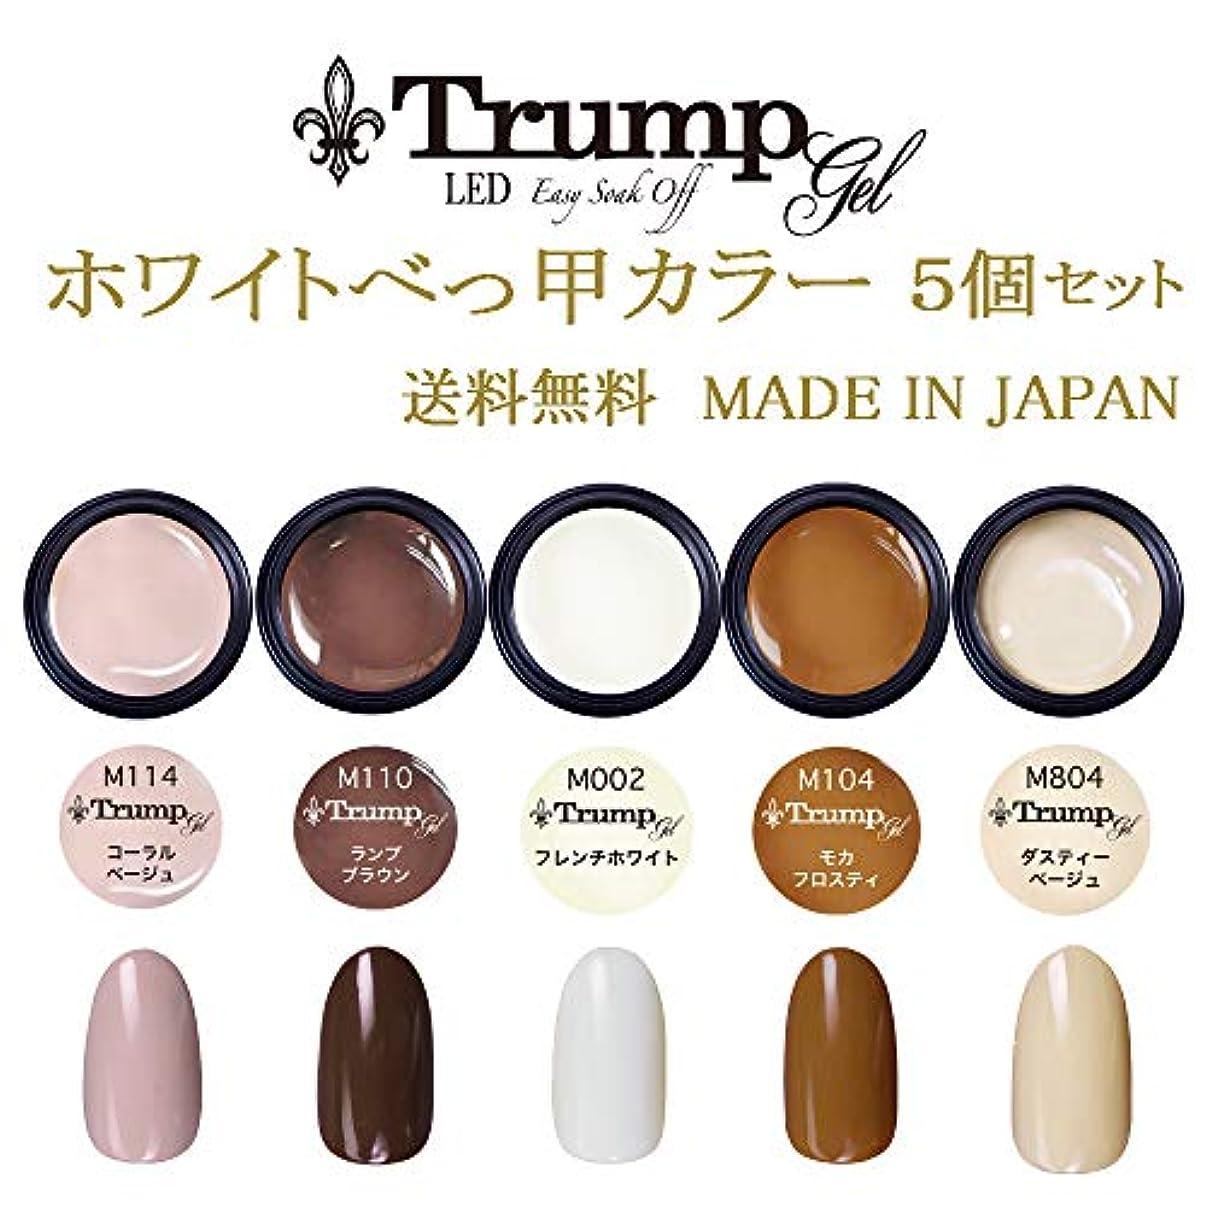 ジョットディボンドン固執読みやすさ【送料無料】日本製 Trump gel トランプジェルホワイトべっ甲カラージェル 5個セット スタイリッシュでオシャレな 白べっ甲カラージェルセット